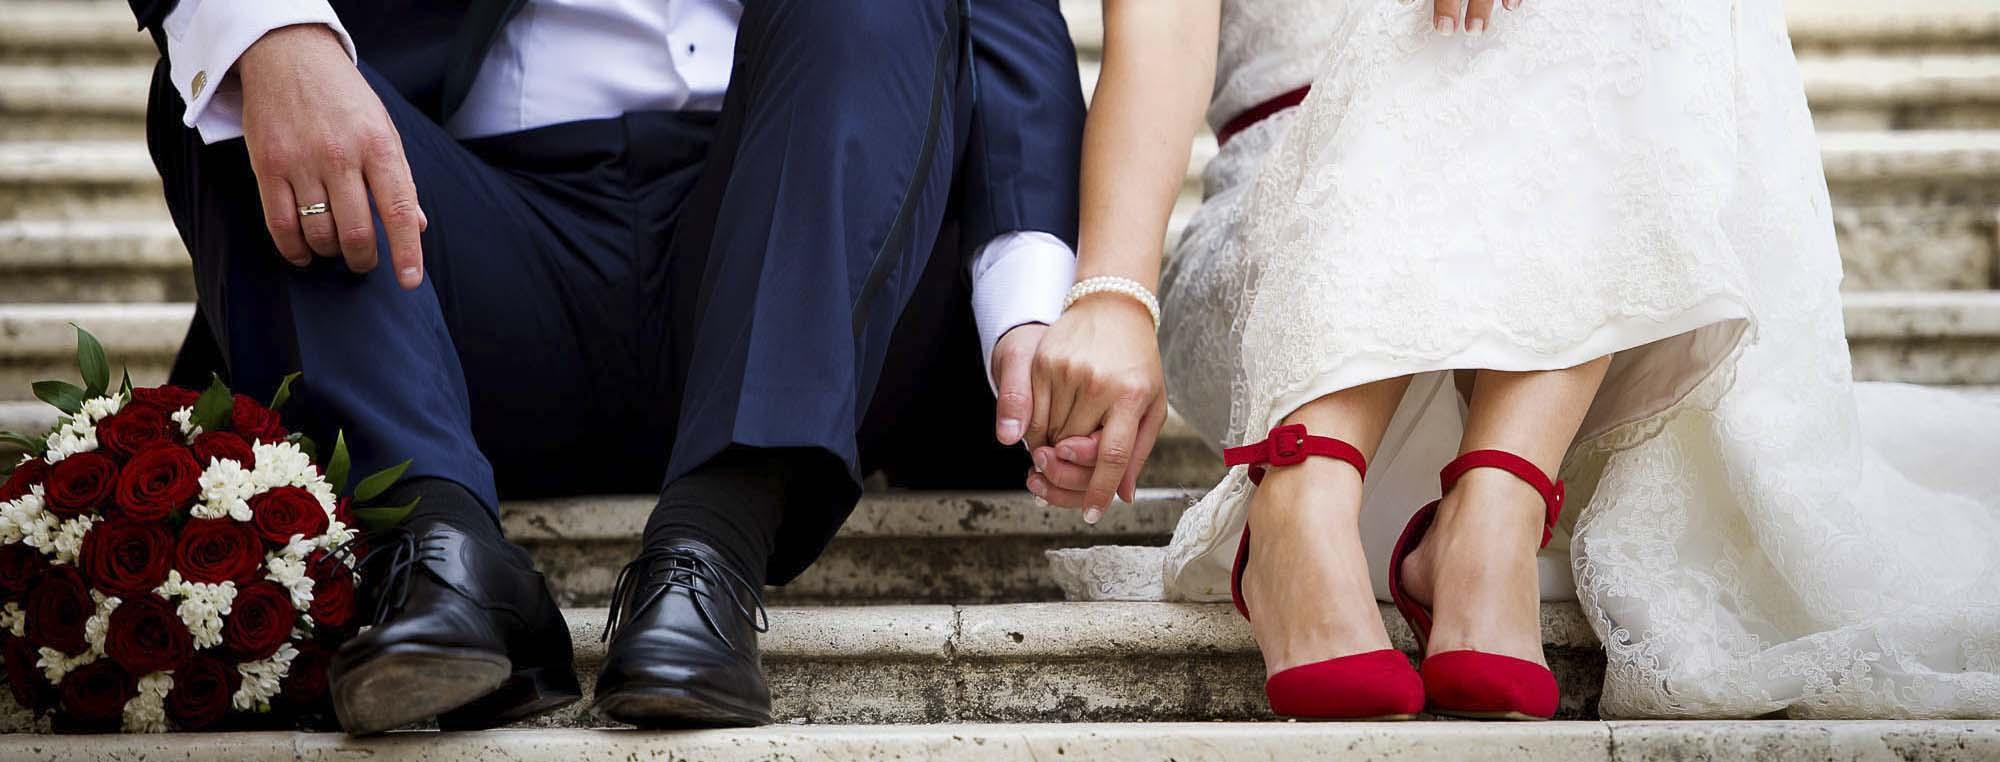 fotografo-matrimonio-novara-immagini-di-marco-pugliese-video-matrimonio